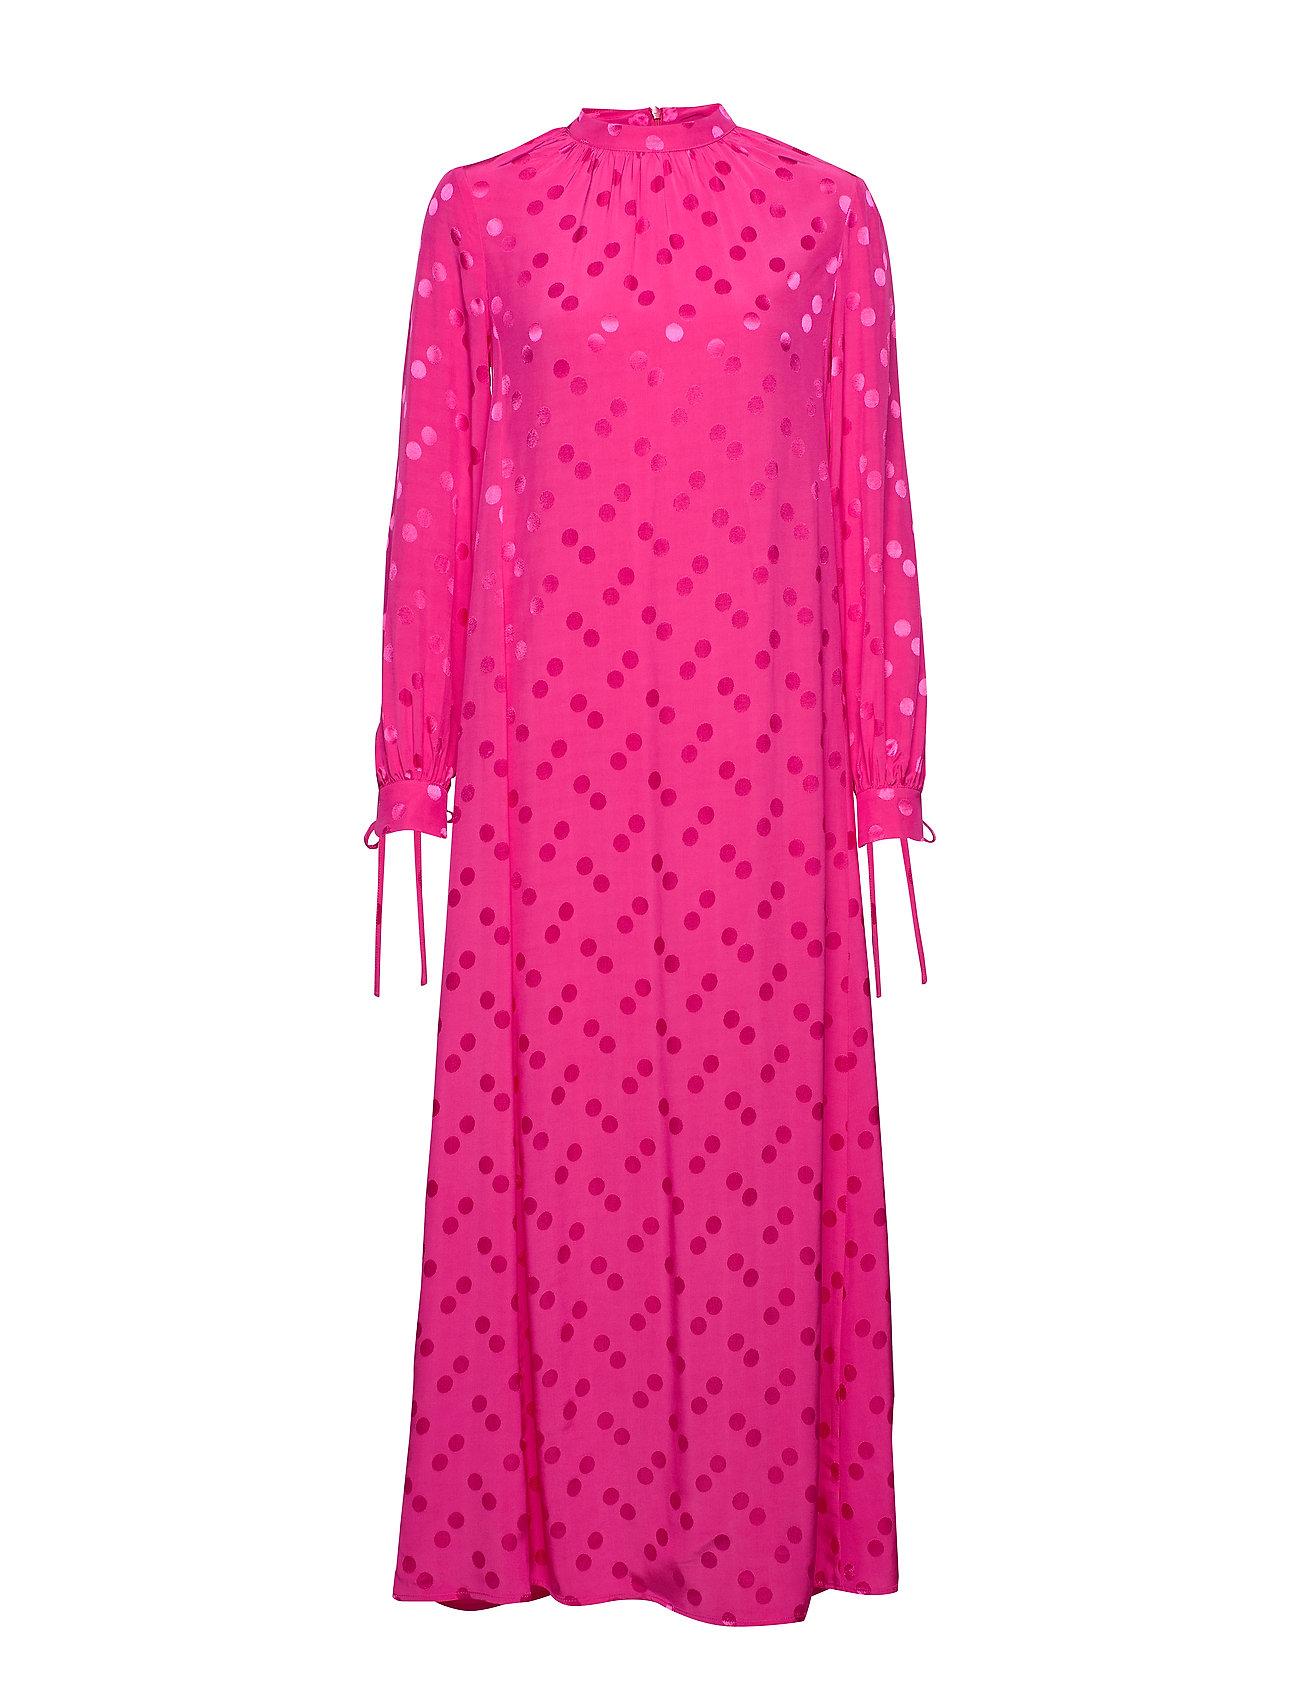 Résumé Portia dress - COSMO PINK